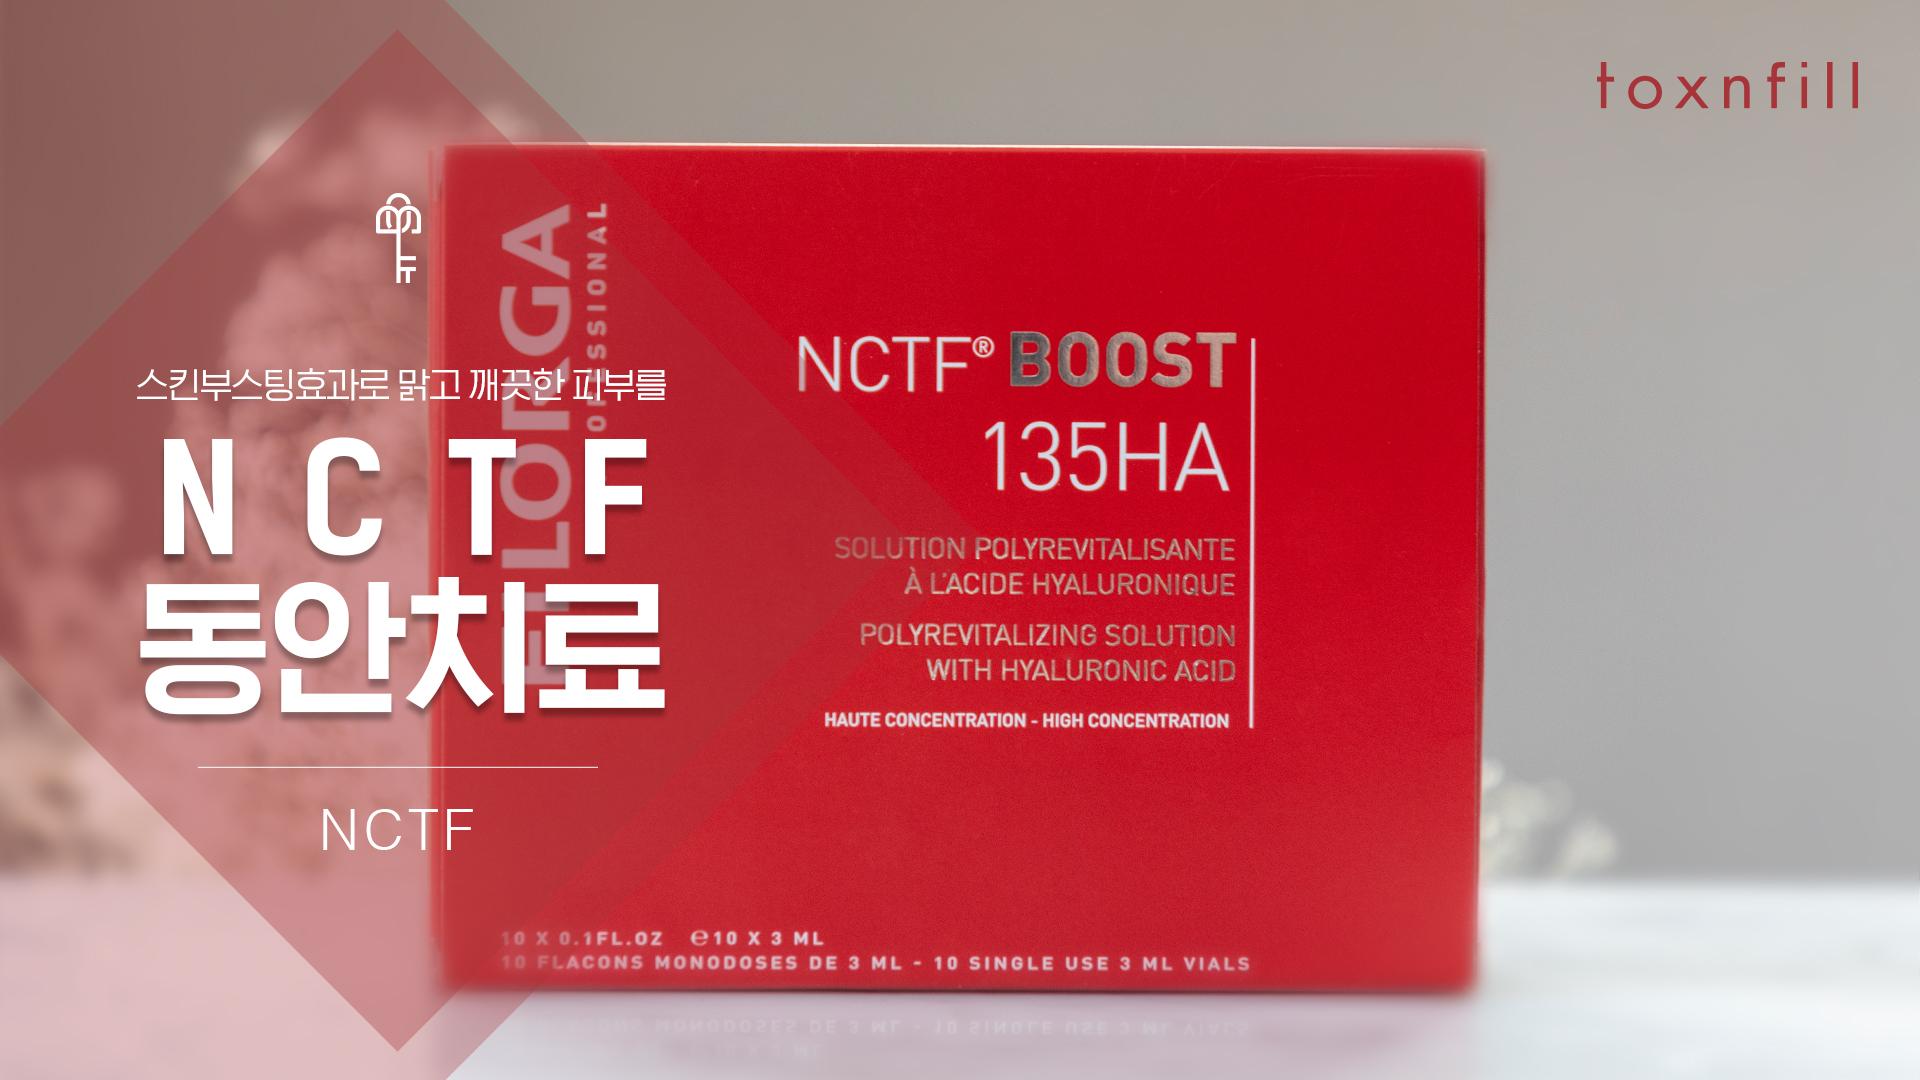 NCTF135HA